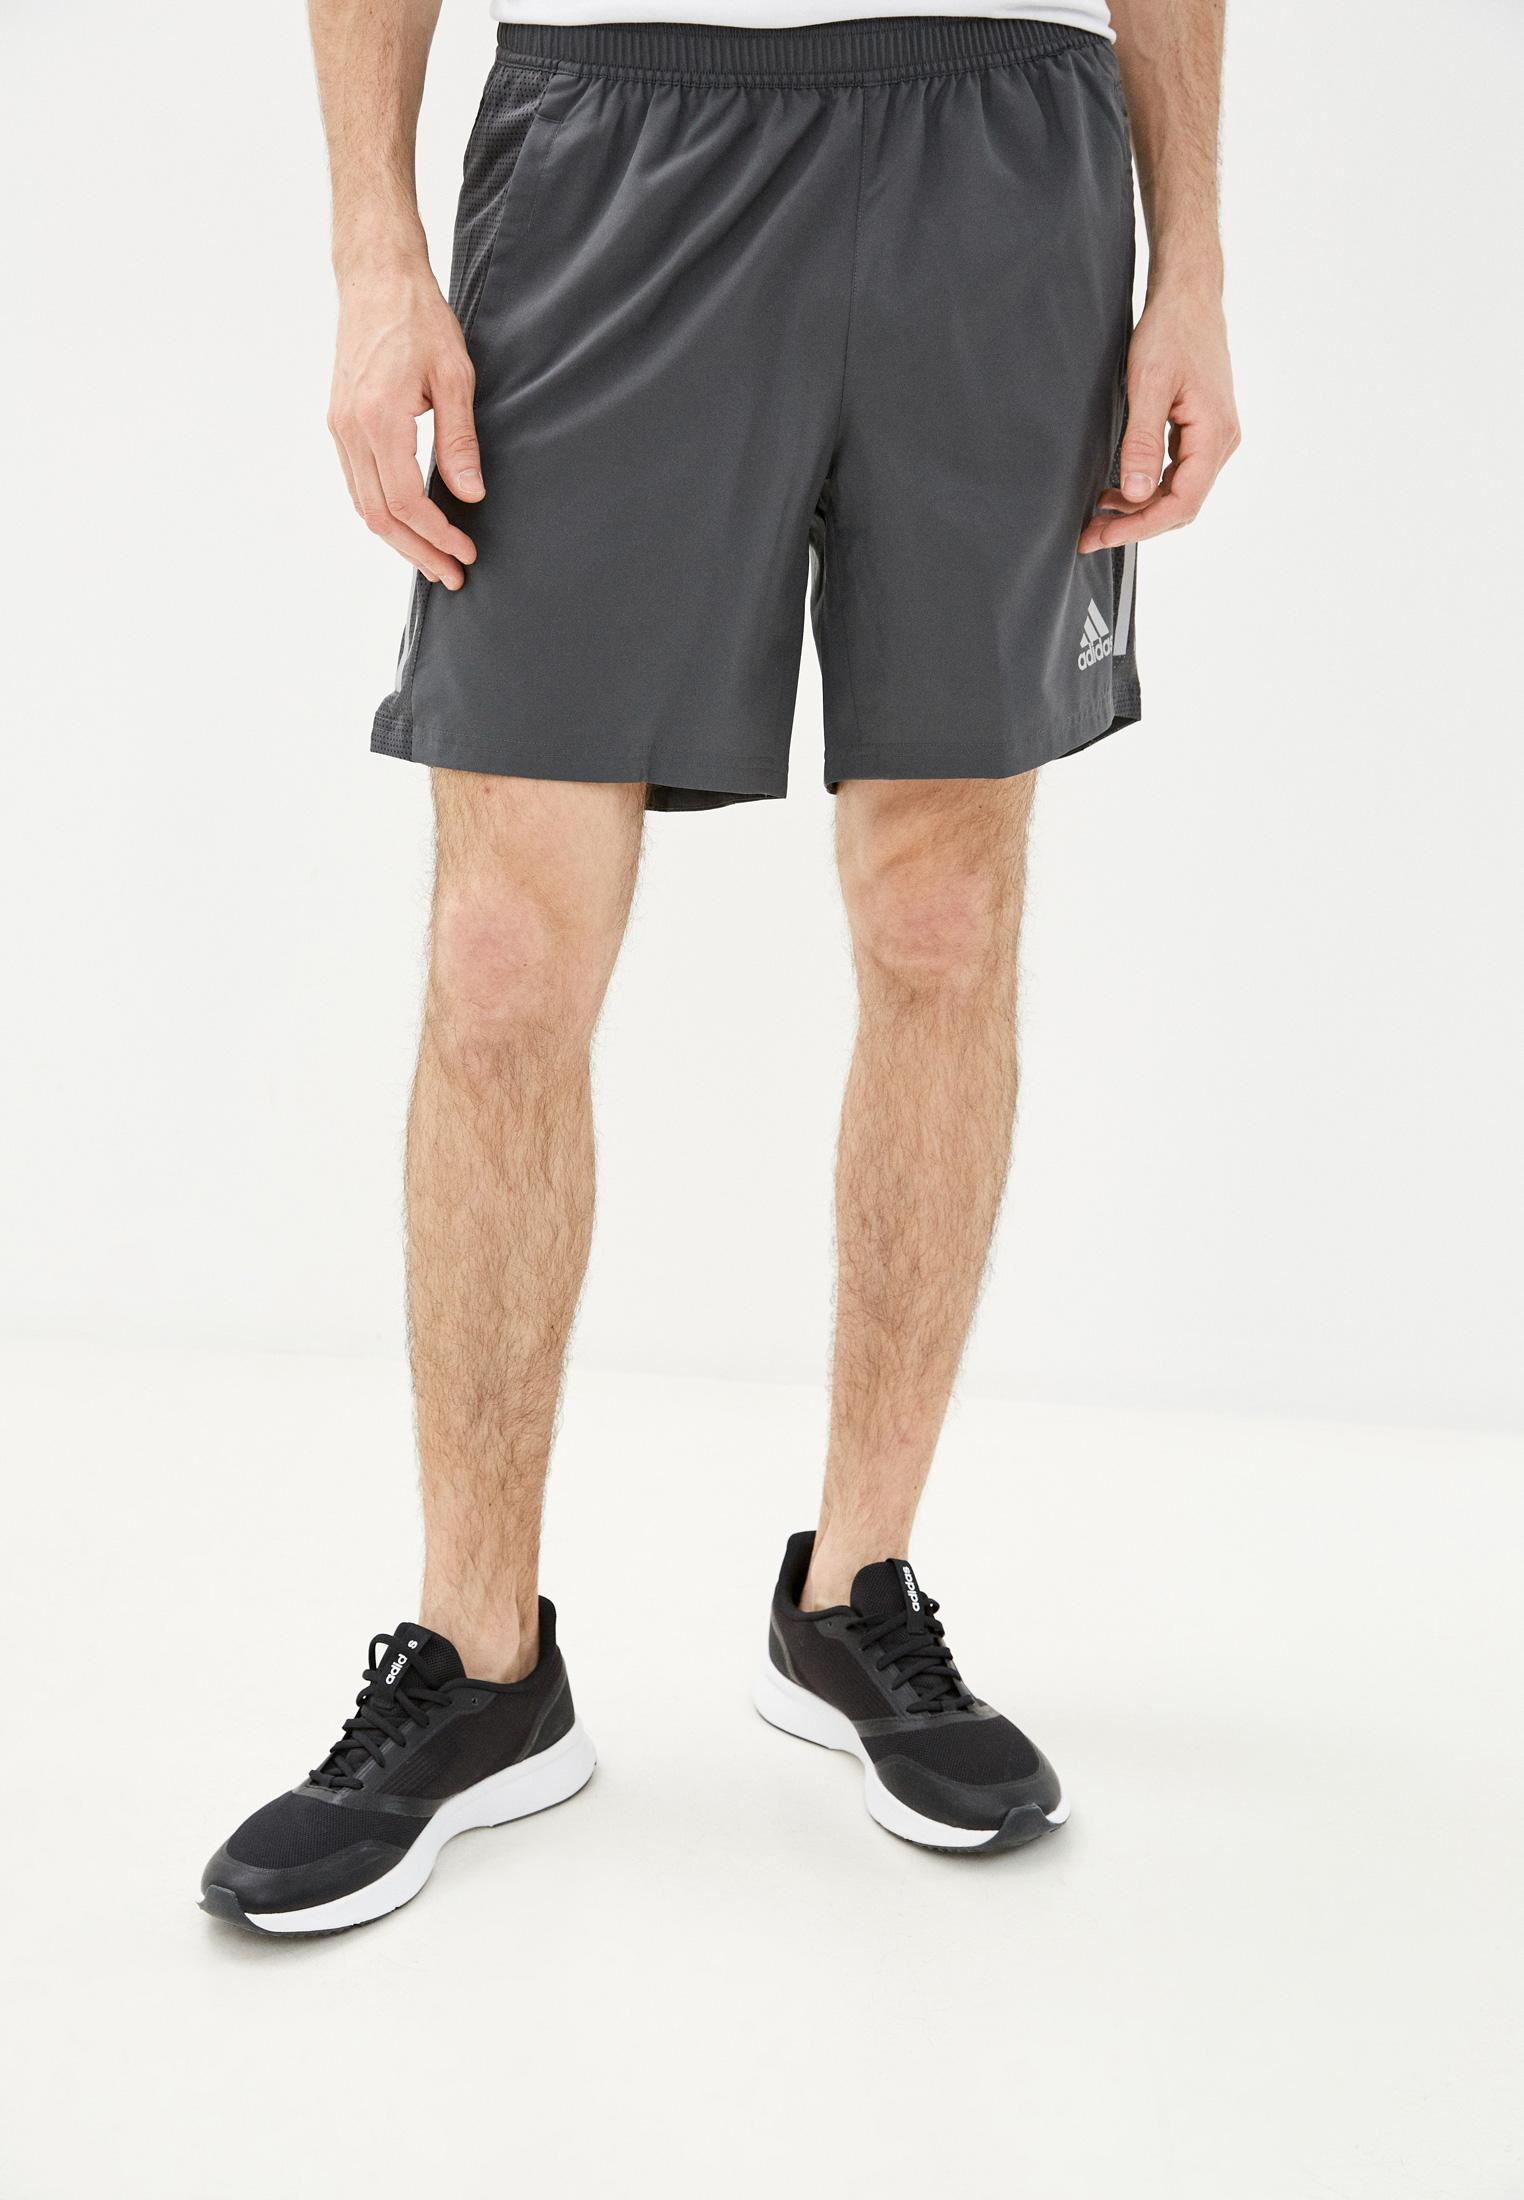 Мужские спортивные шорты Adidas (Адидас) Шорты спортивные adidas